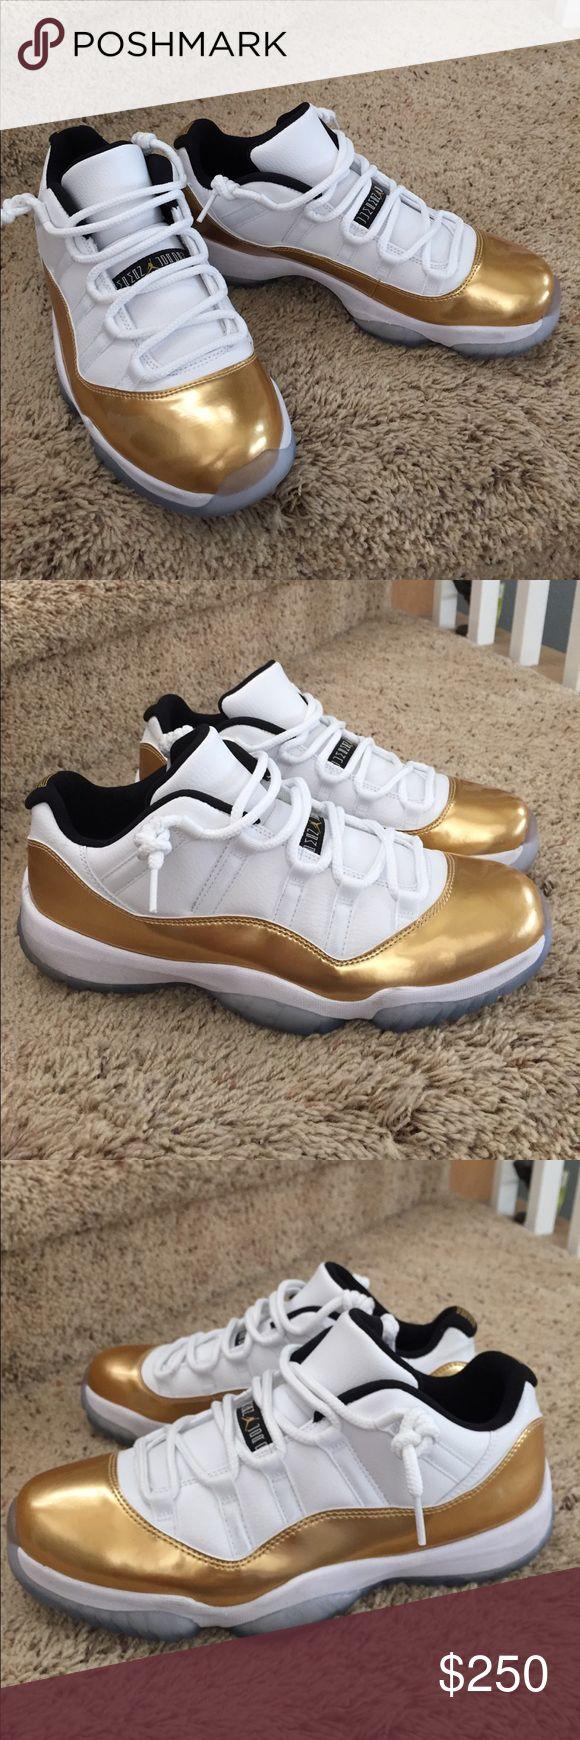 Men's Jordan Retro Closing Ceremony Gold/White Excellent condition. Authentic. Jordan Shoes Athletic Shoes